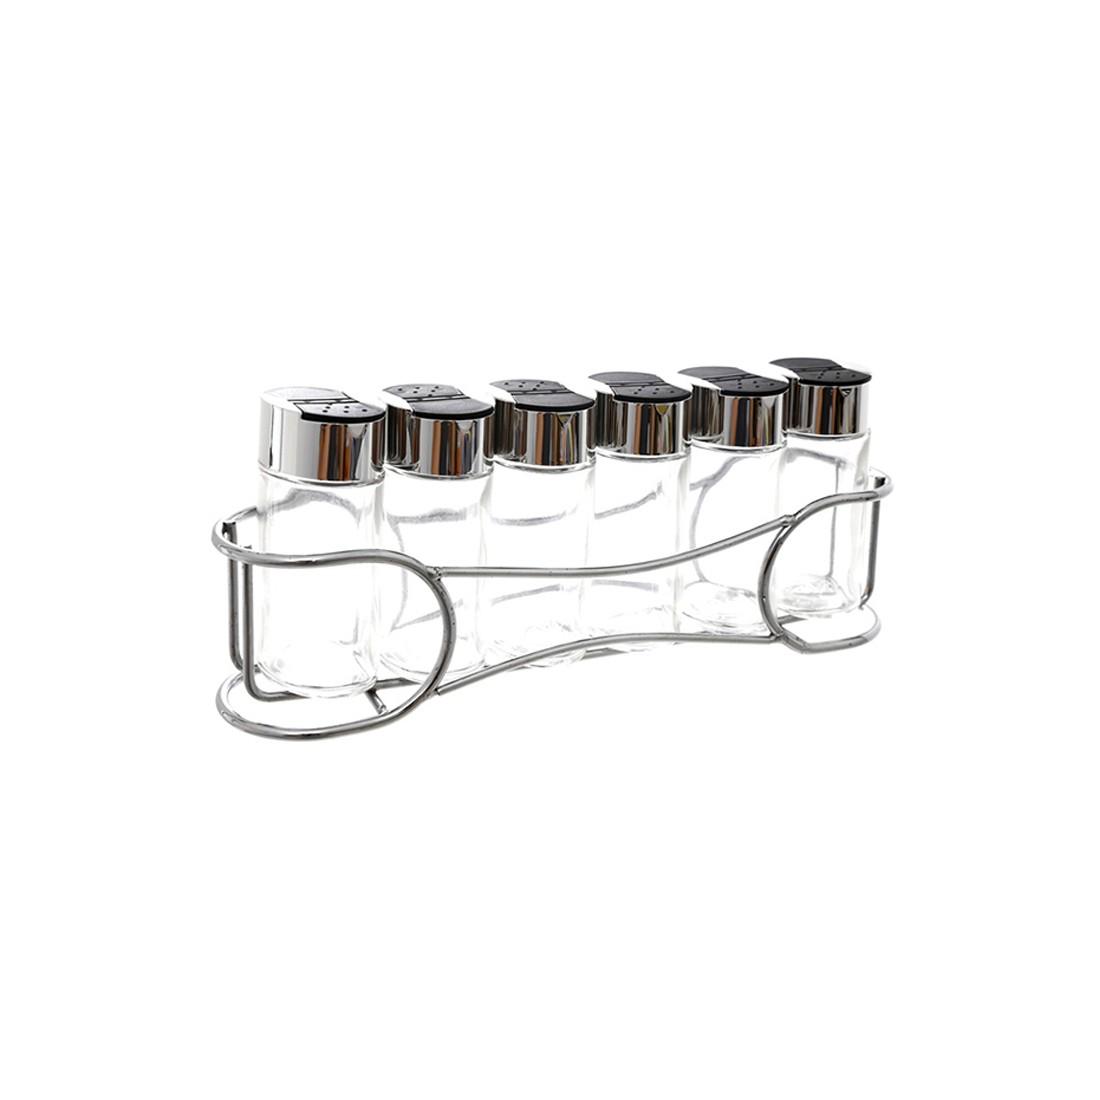 Bộ lọ đựng gia vị 6 món khay inox-Thế giới đồ gia dụng HMD